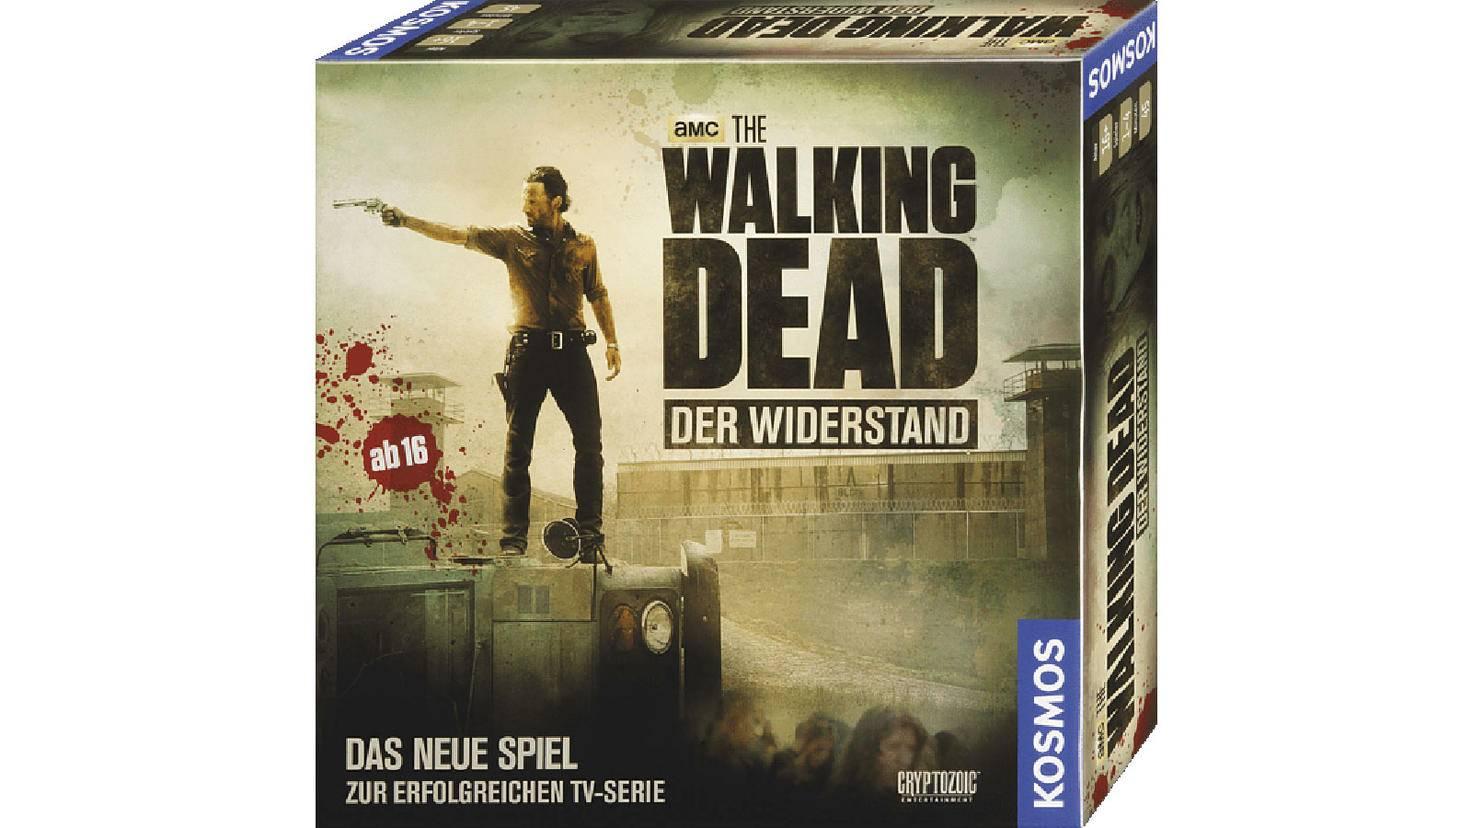 The Walking Dead Der Widerstand